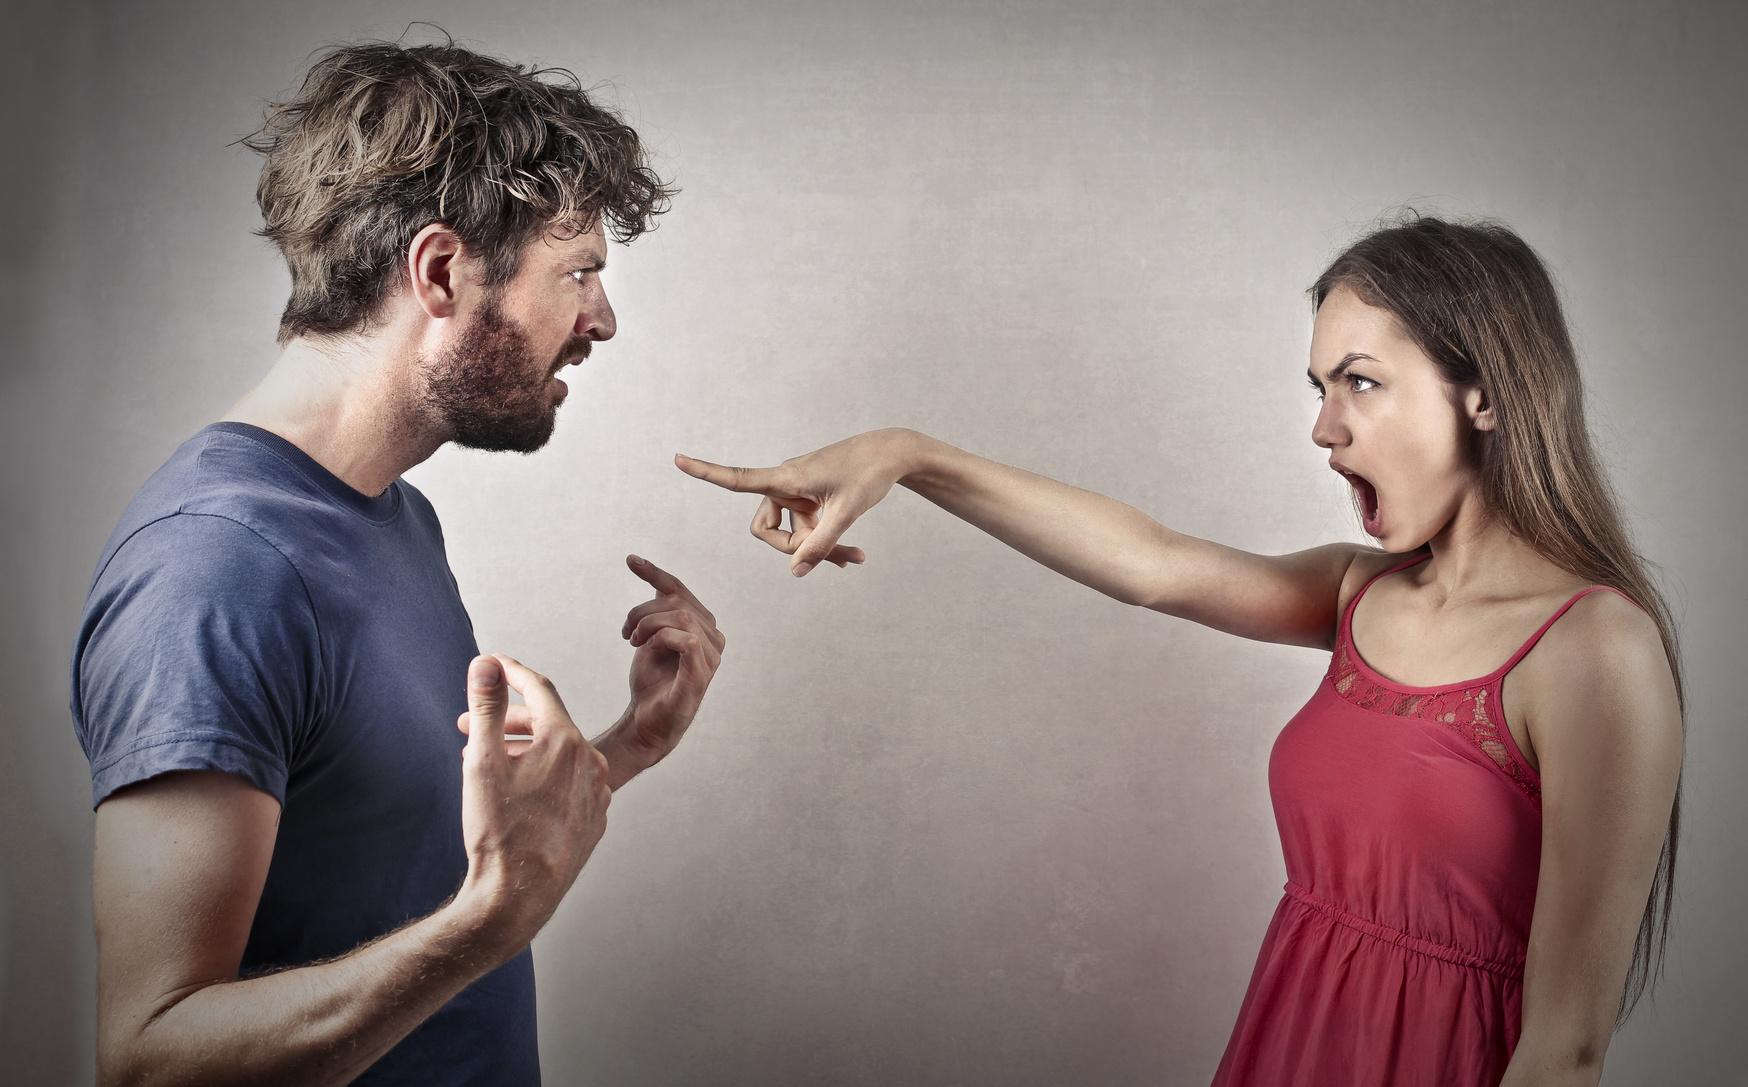 картинки о мужчинах боящихся своих жен заражаются